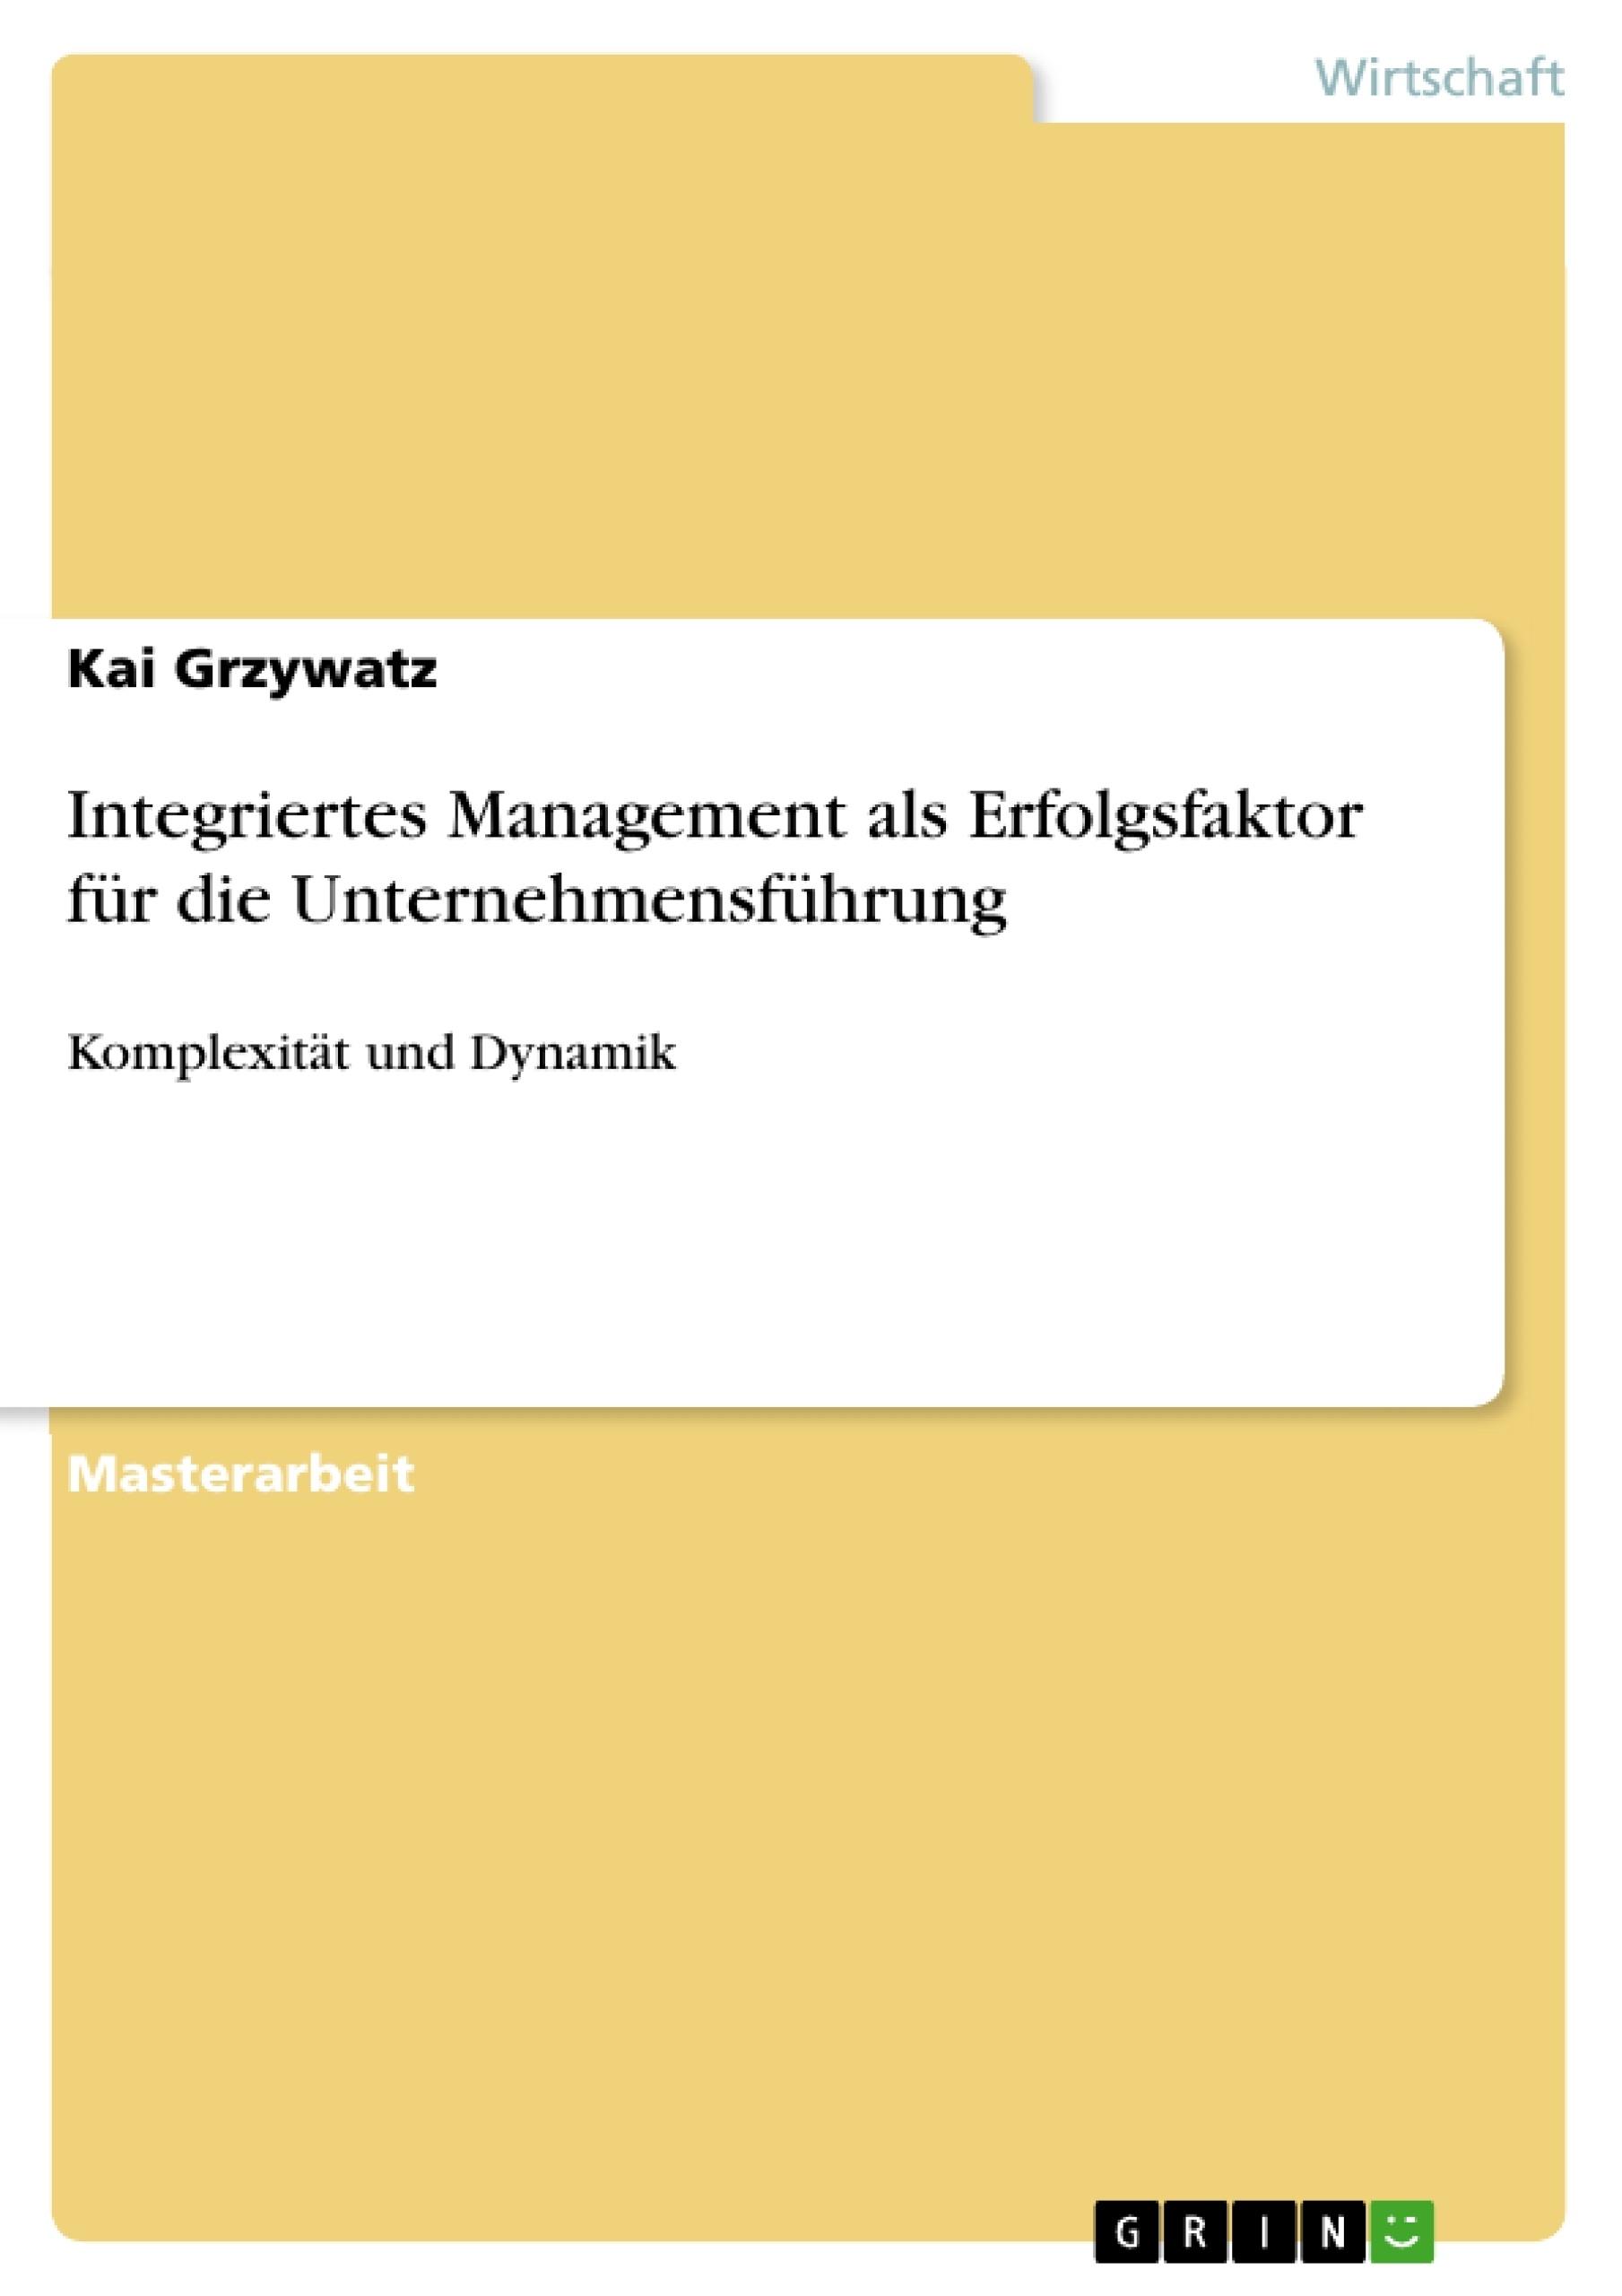 Titel: Integriertes Management als Erfolgsfaktor für die Unternehmensführung